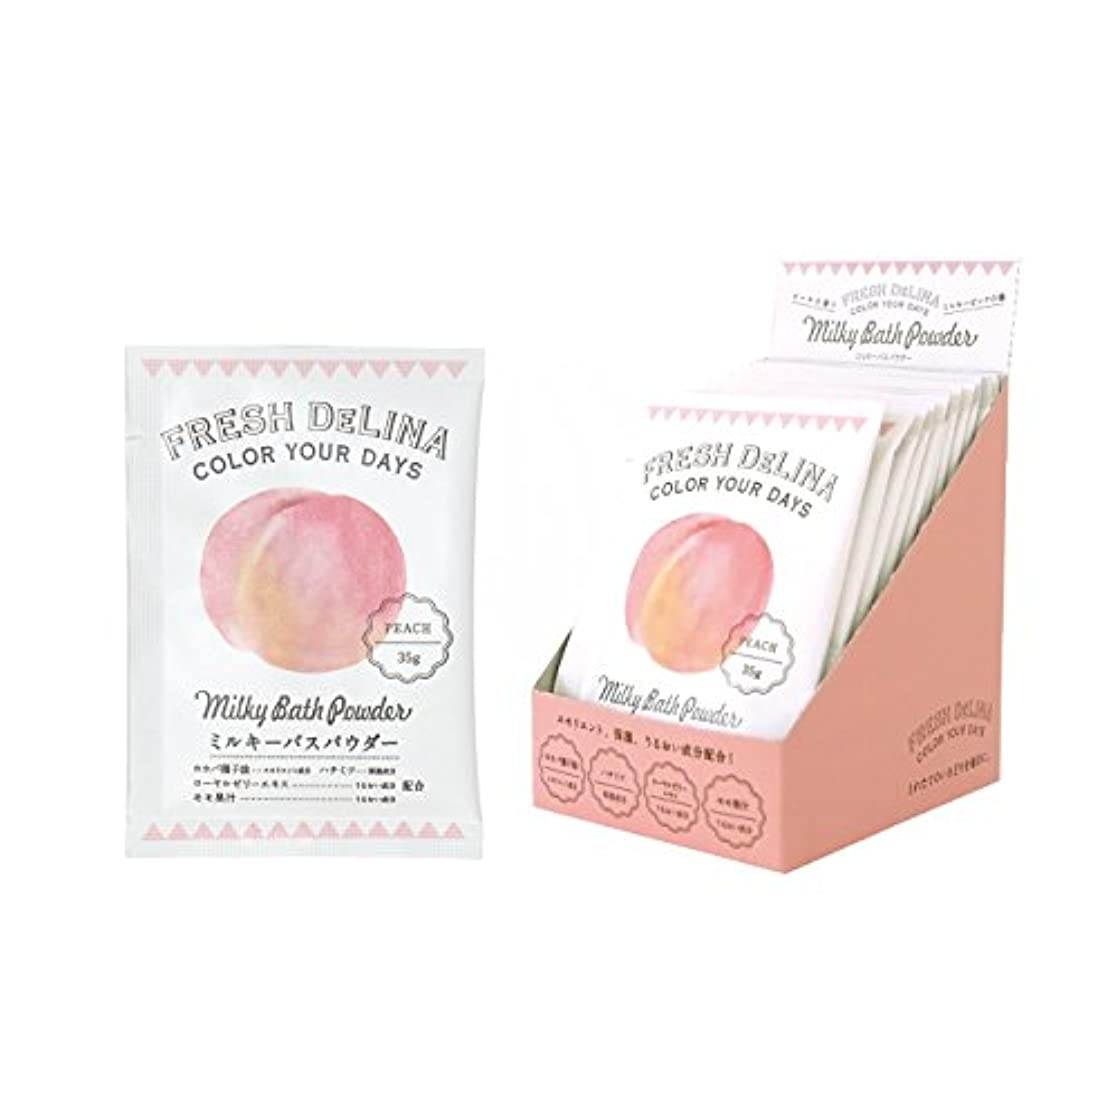 舌な試験誠意フレッシュデリーナ ミルキーバスパウダー 35g (ピーチ) 12個 (白濁タイプ入浴料 日本製 みずみずしい桃の香り)